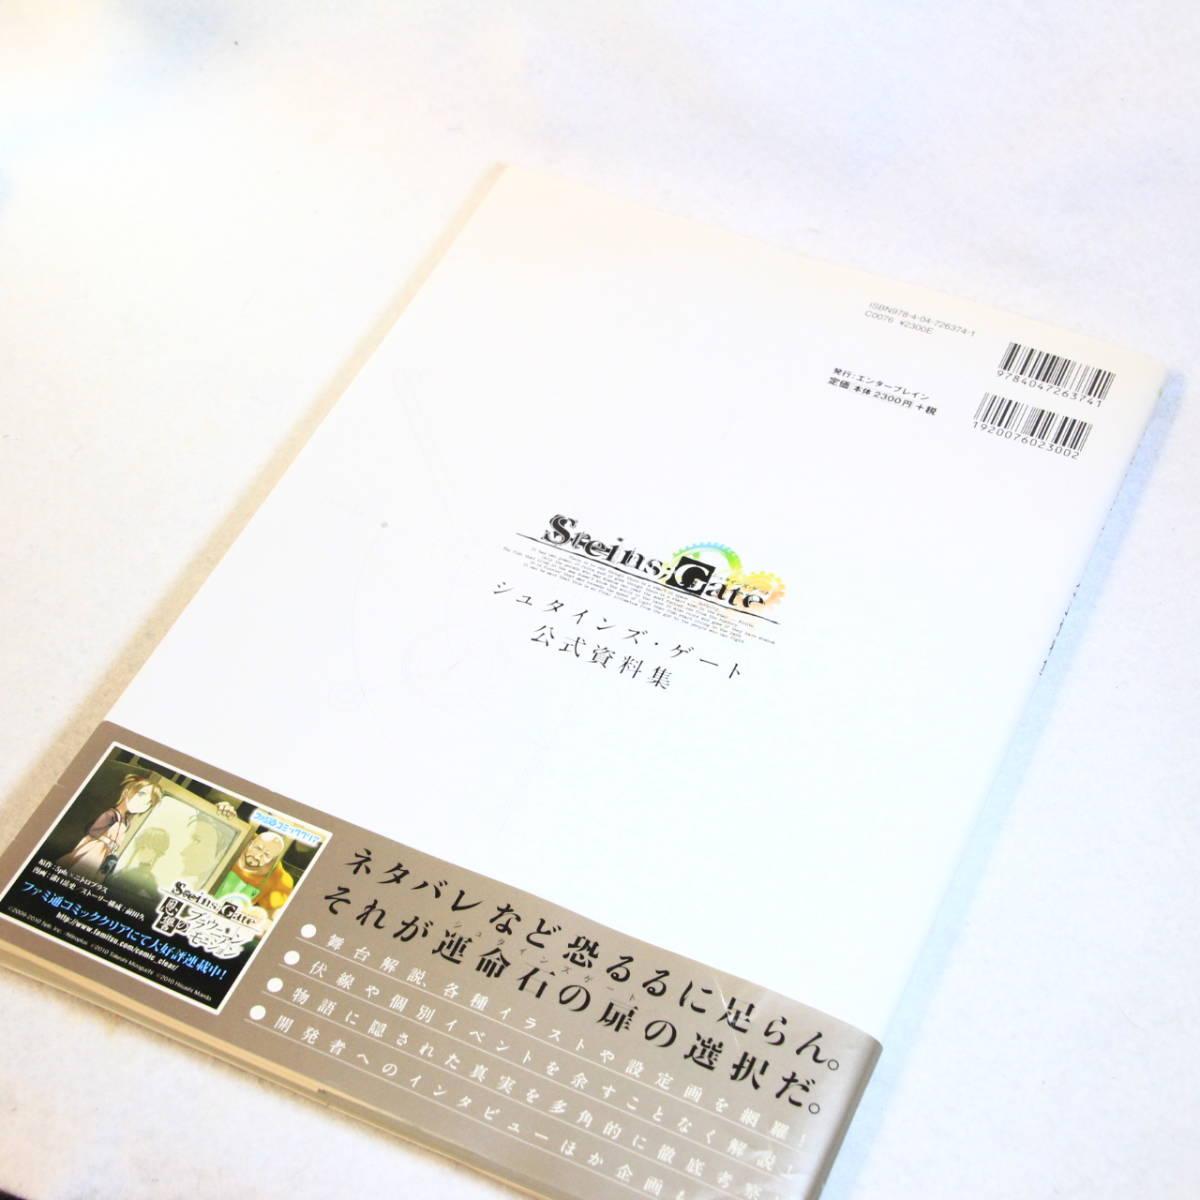 【書籍】シュタインズ・ゲート 公式資料集 (ファミ通Xbox) /STEINS;GATE シュタインズゲート_画像2